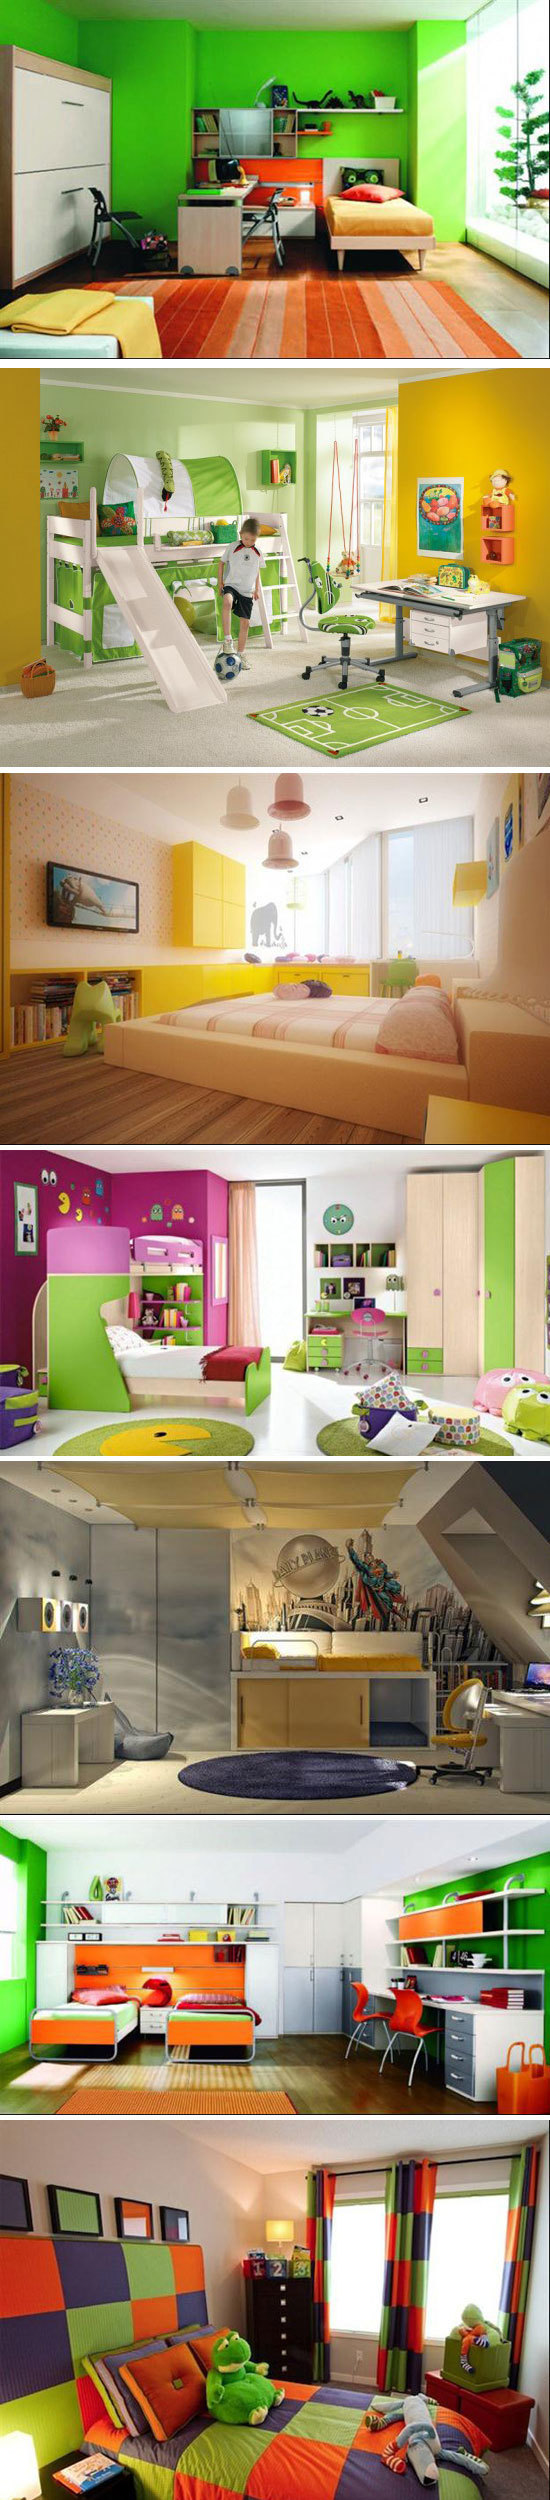 22 Ideias Criativas de quartos infantis que seus filhos irão adorar